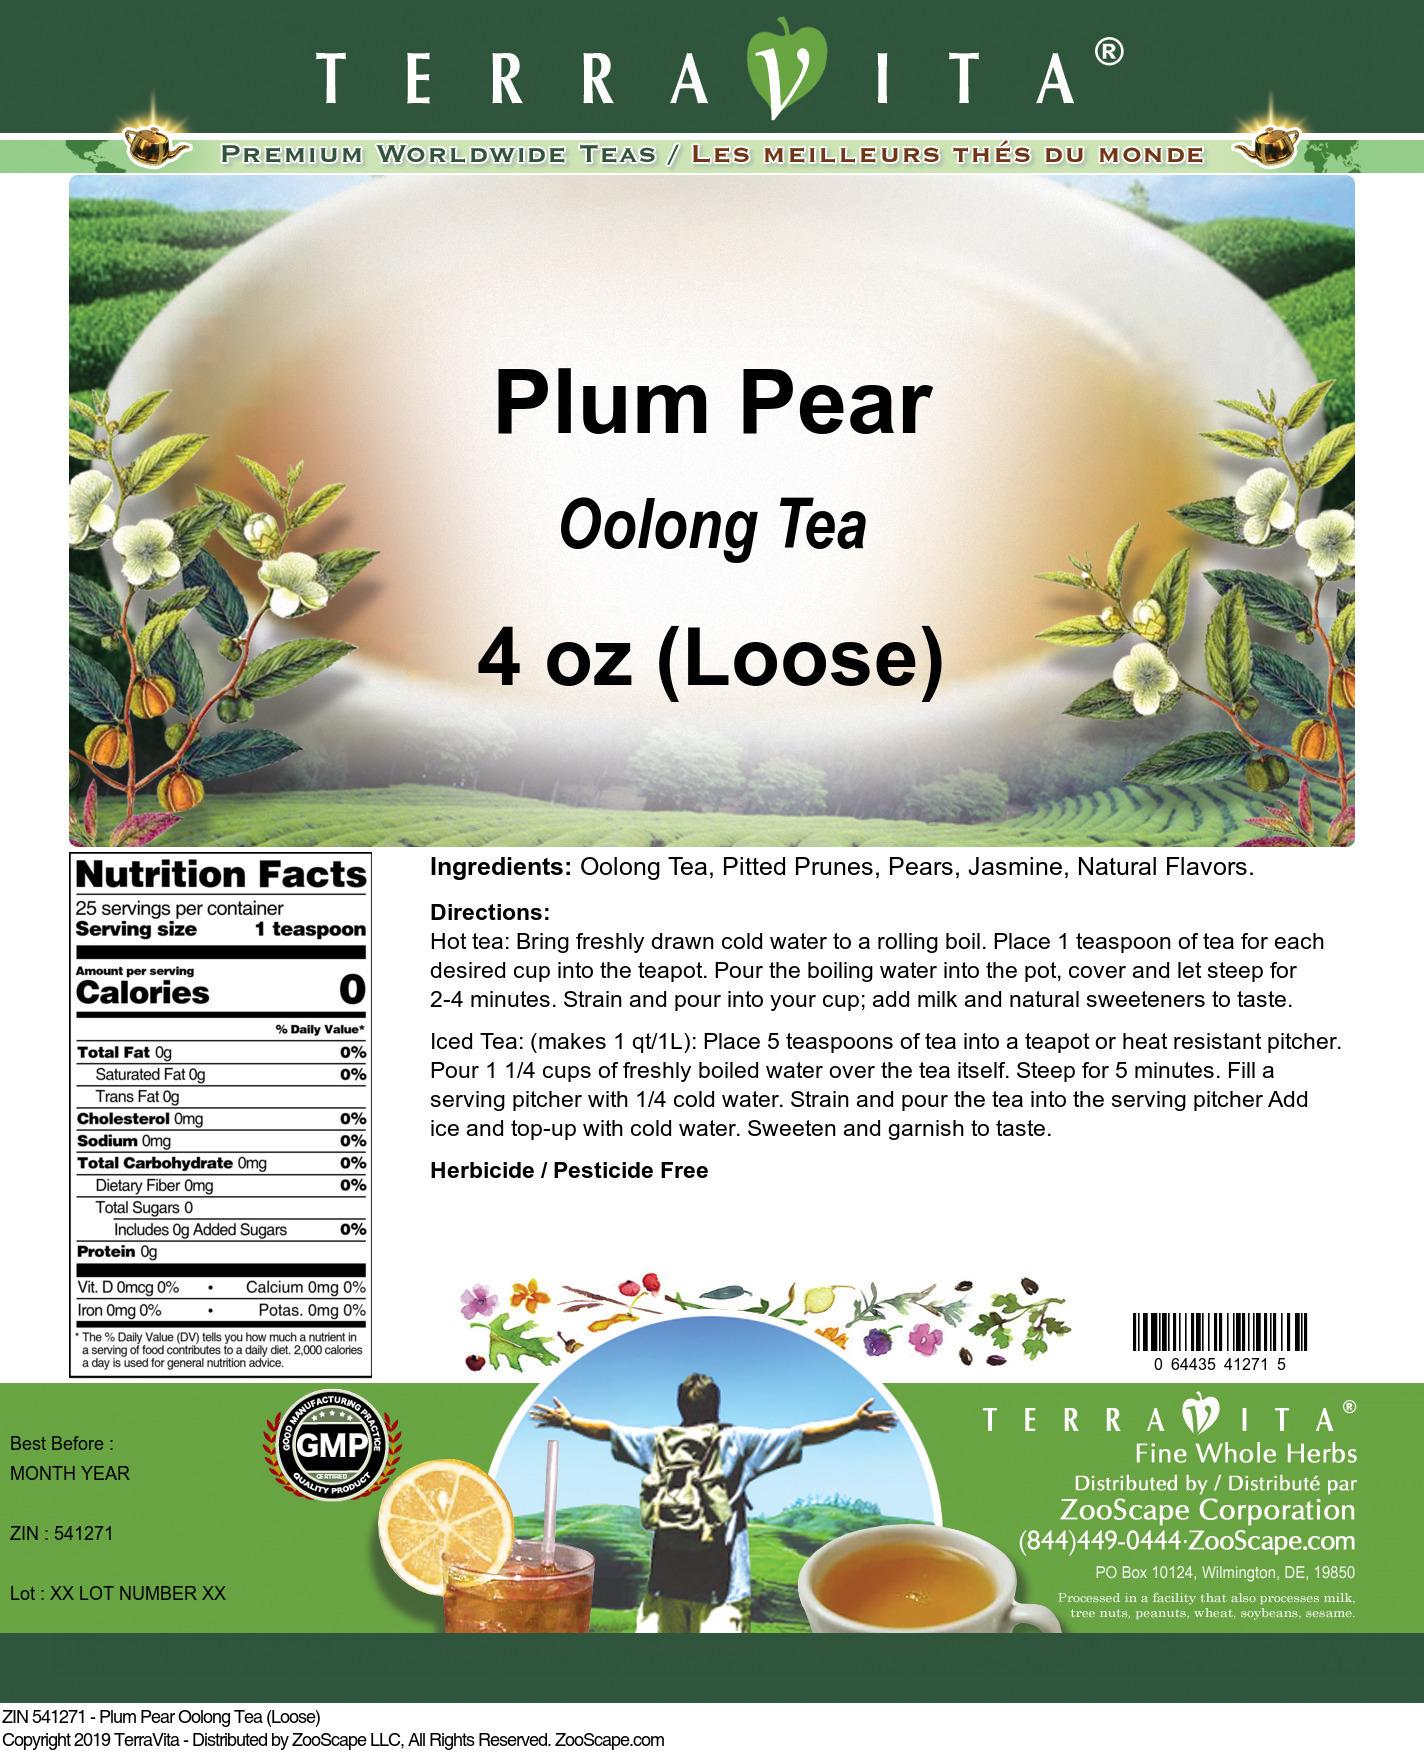 Plum Pear Oolong Tea (Loose)